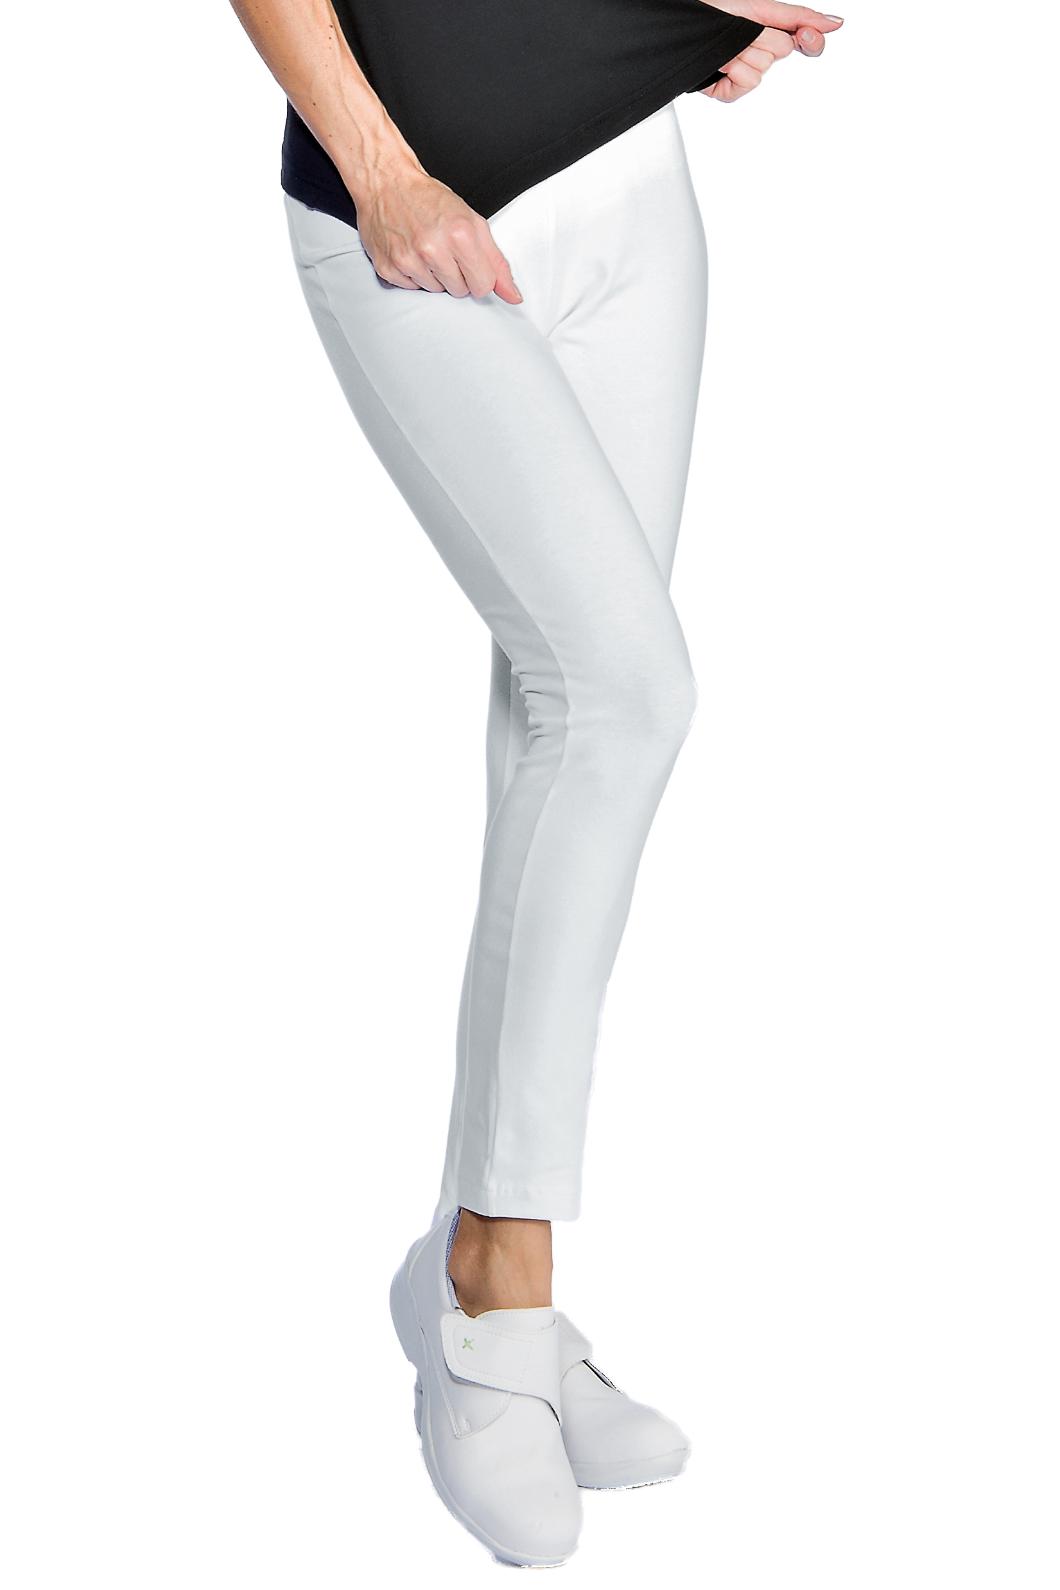 Pitkät legginssit, valkoinen